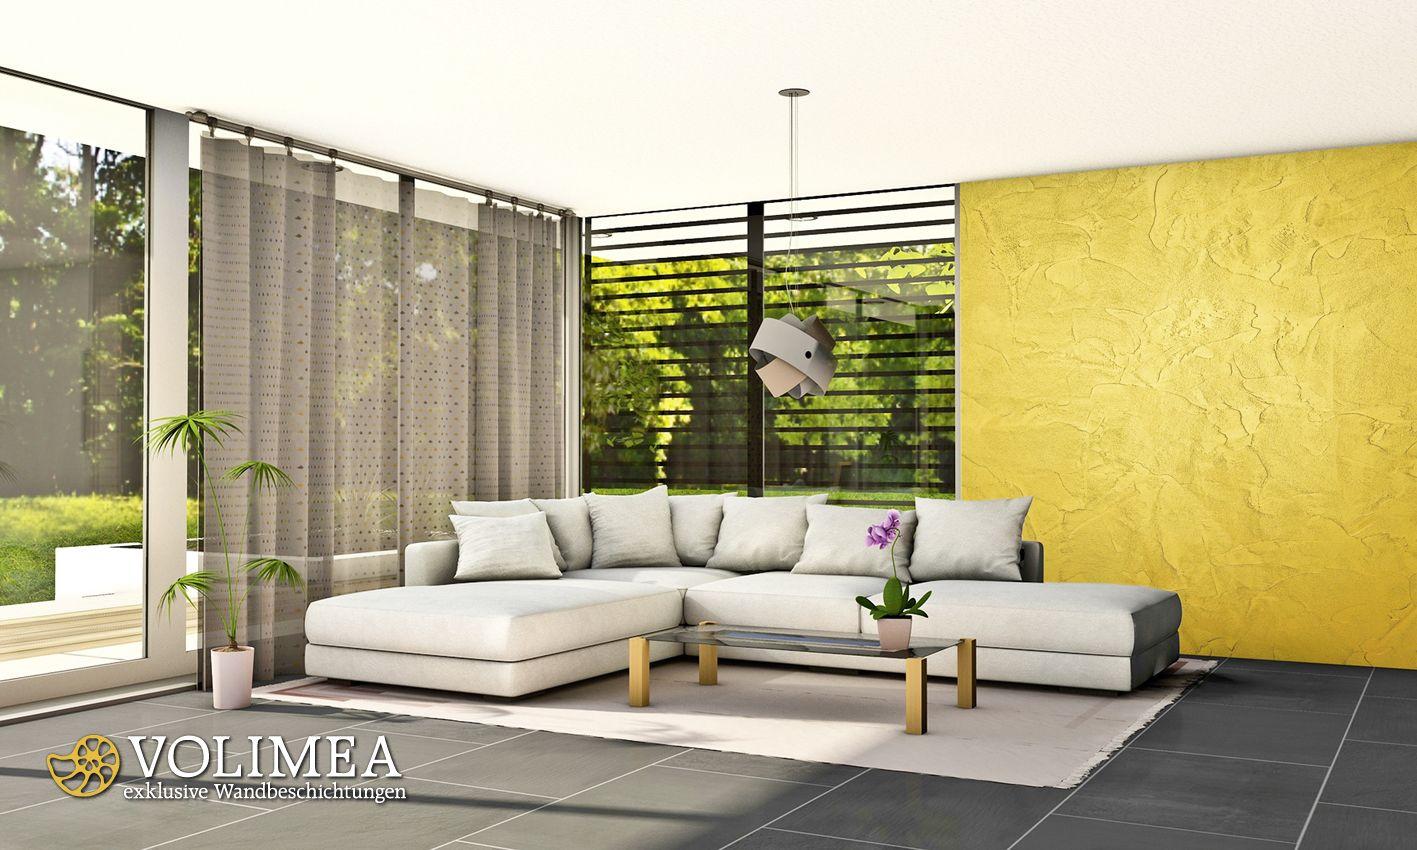 metallische wandideen für penthouse, loft, exklusive häuser